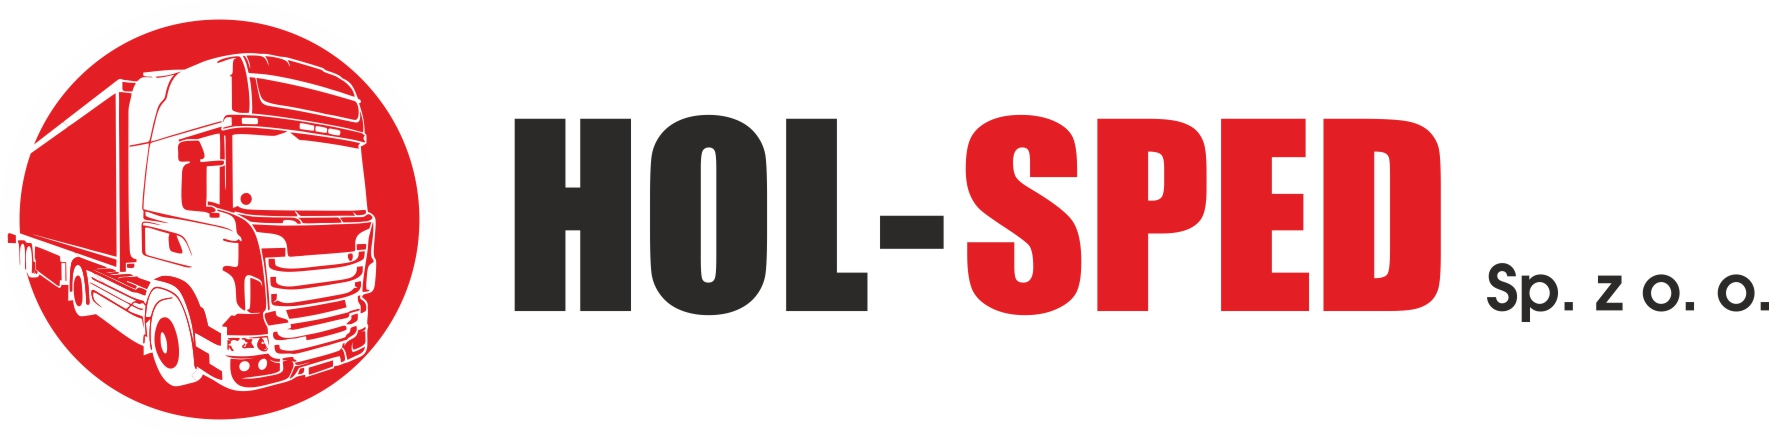 HOL-SPED SP. Z O.O